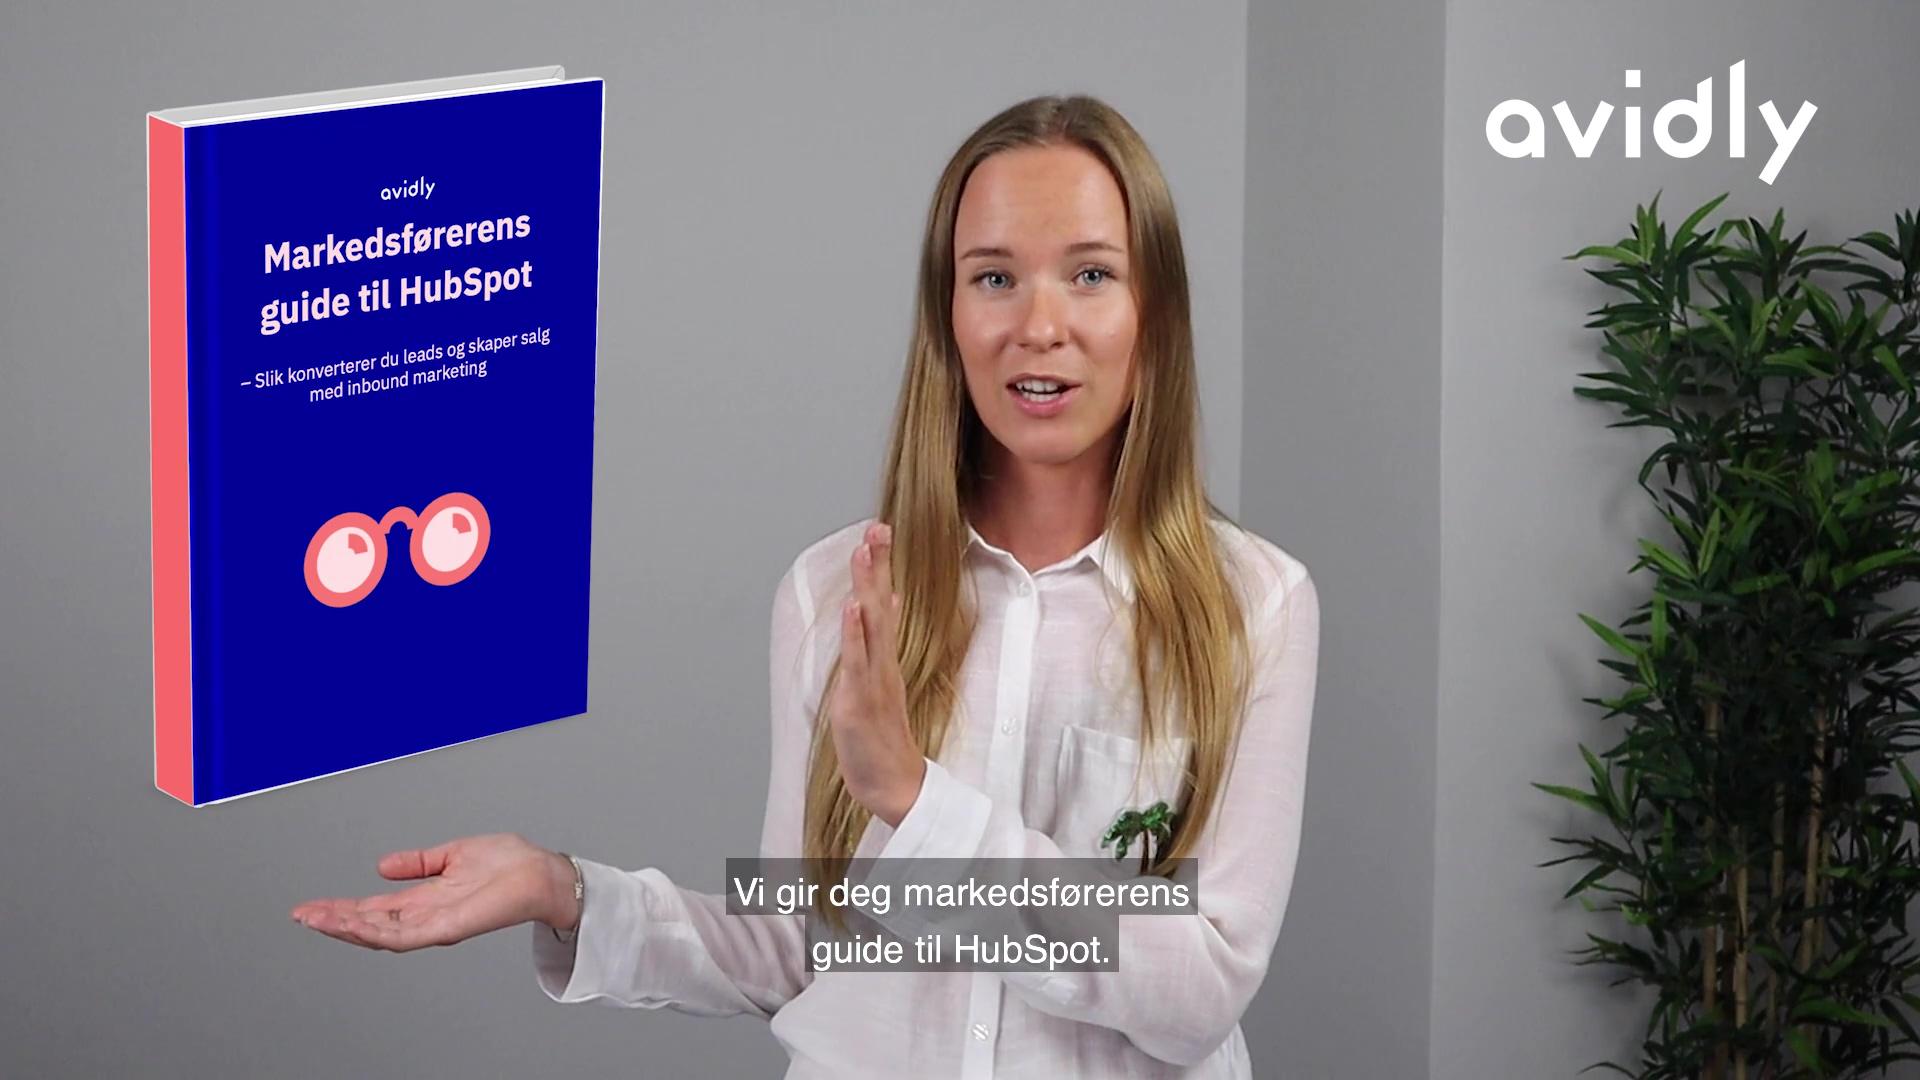 Markedsførerens guide til hubspot